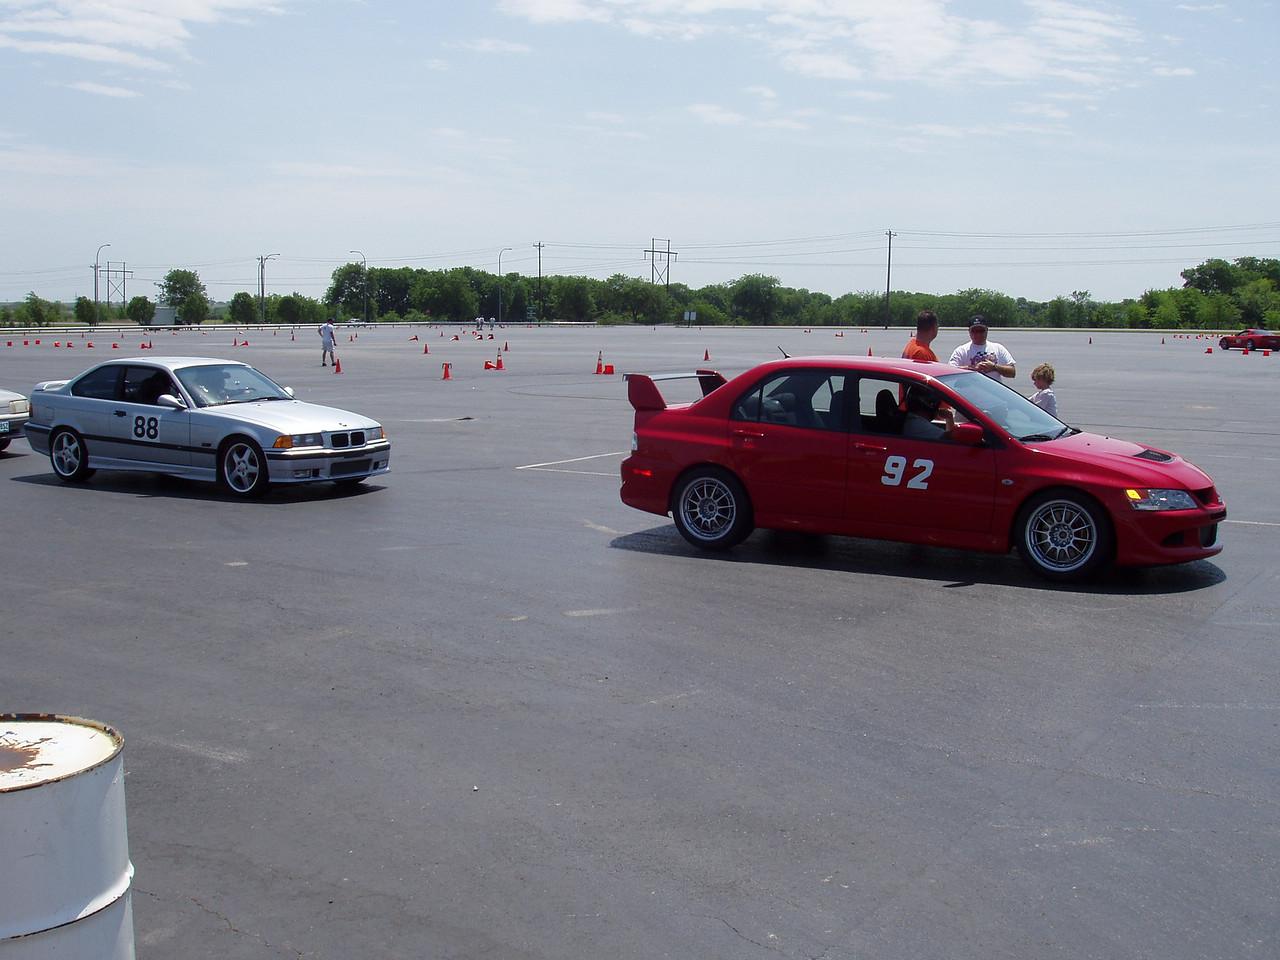 E36 M3 and Jim Harris' Evo